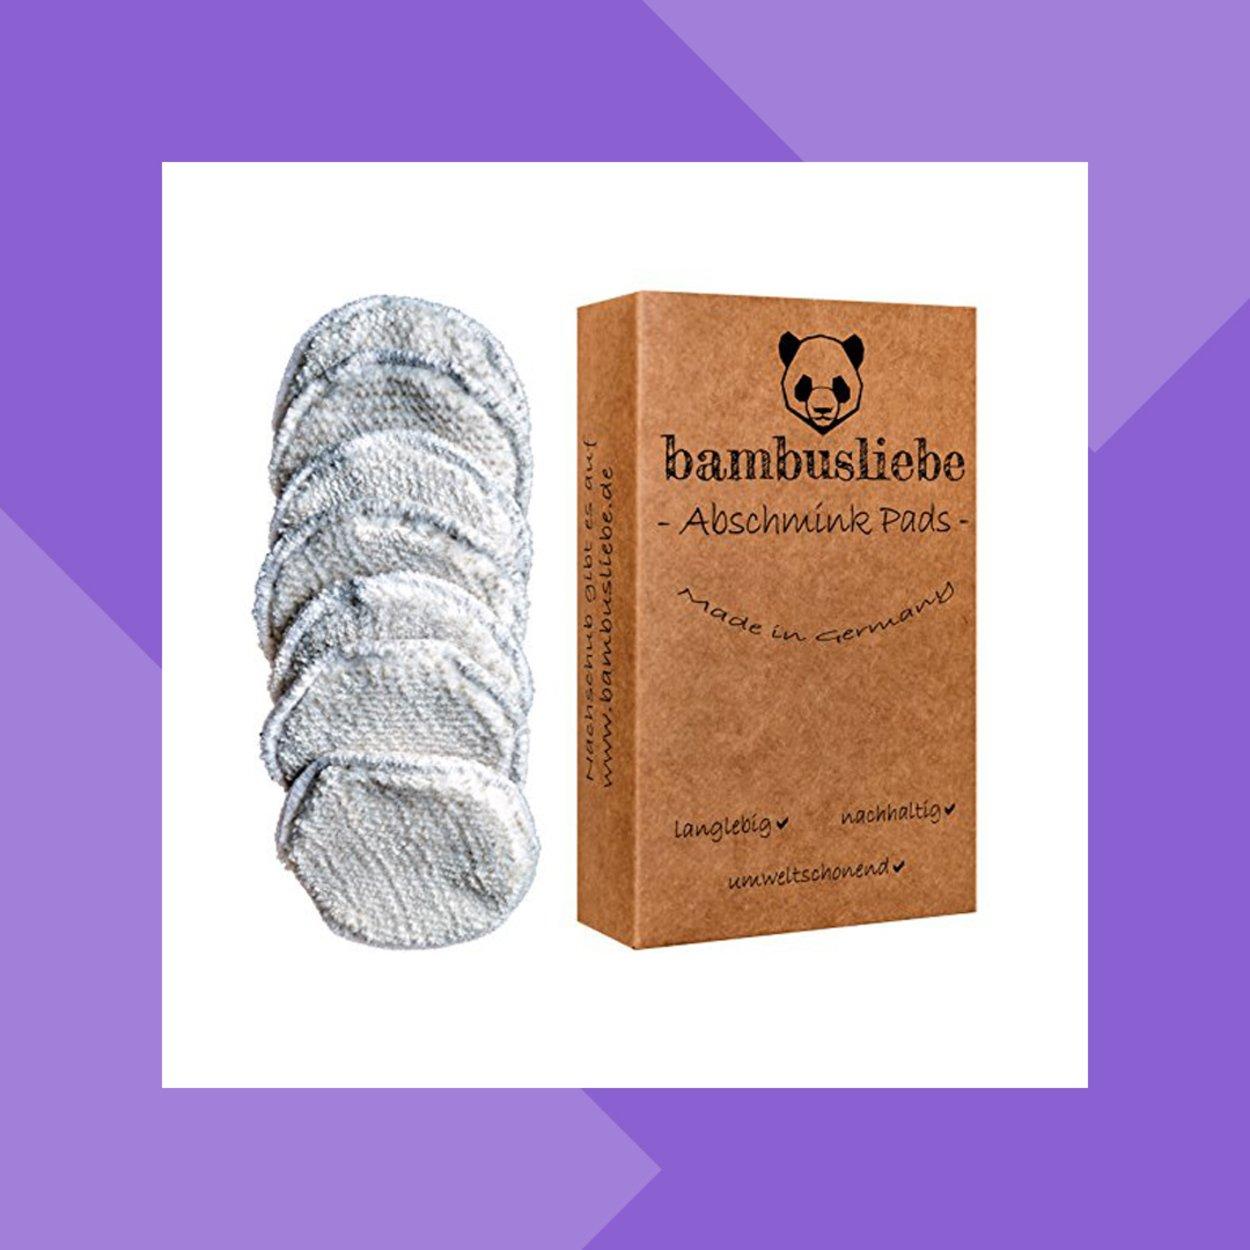 Bambusliebe Abschmik Pads